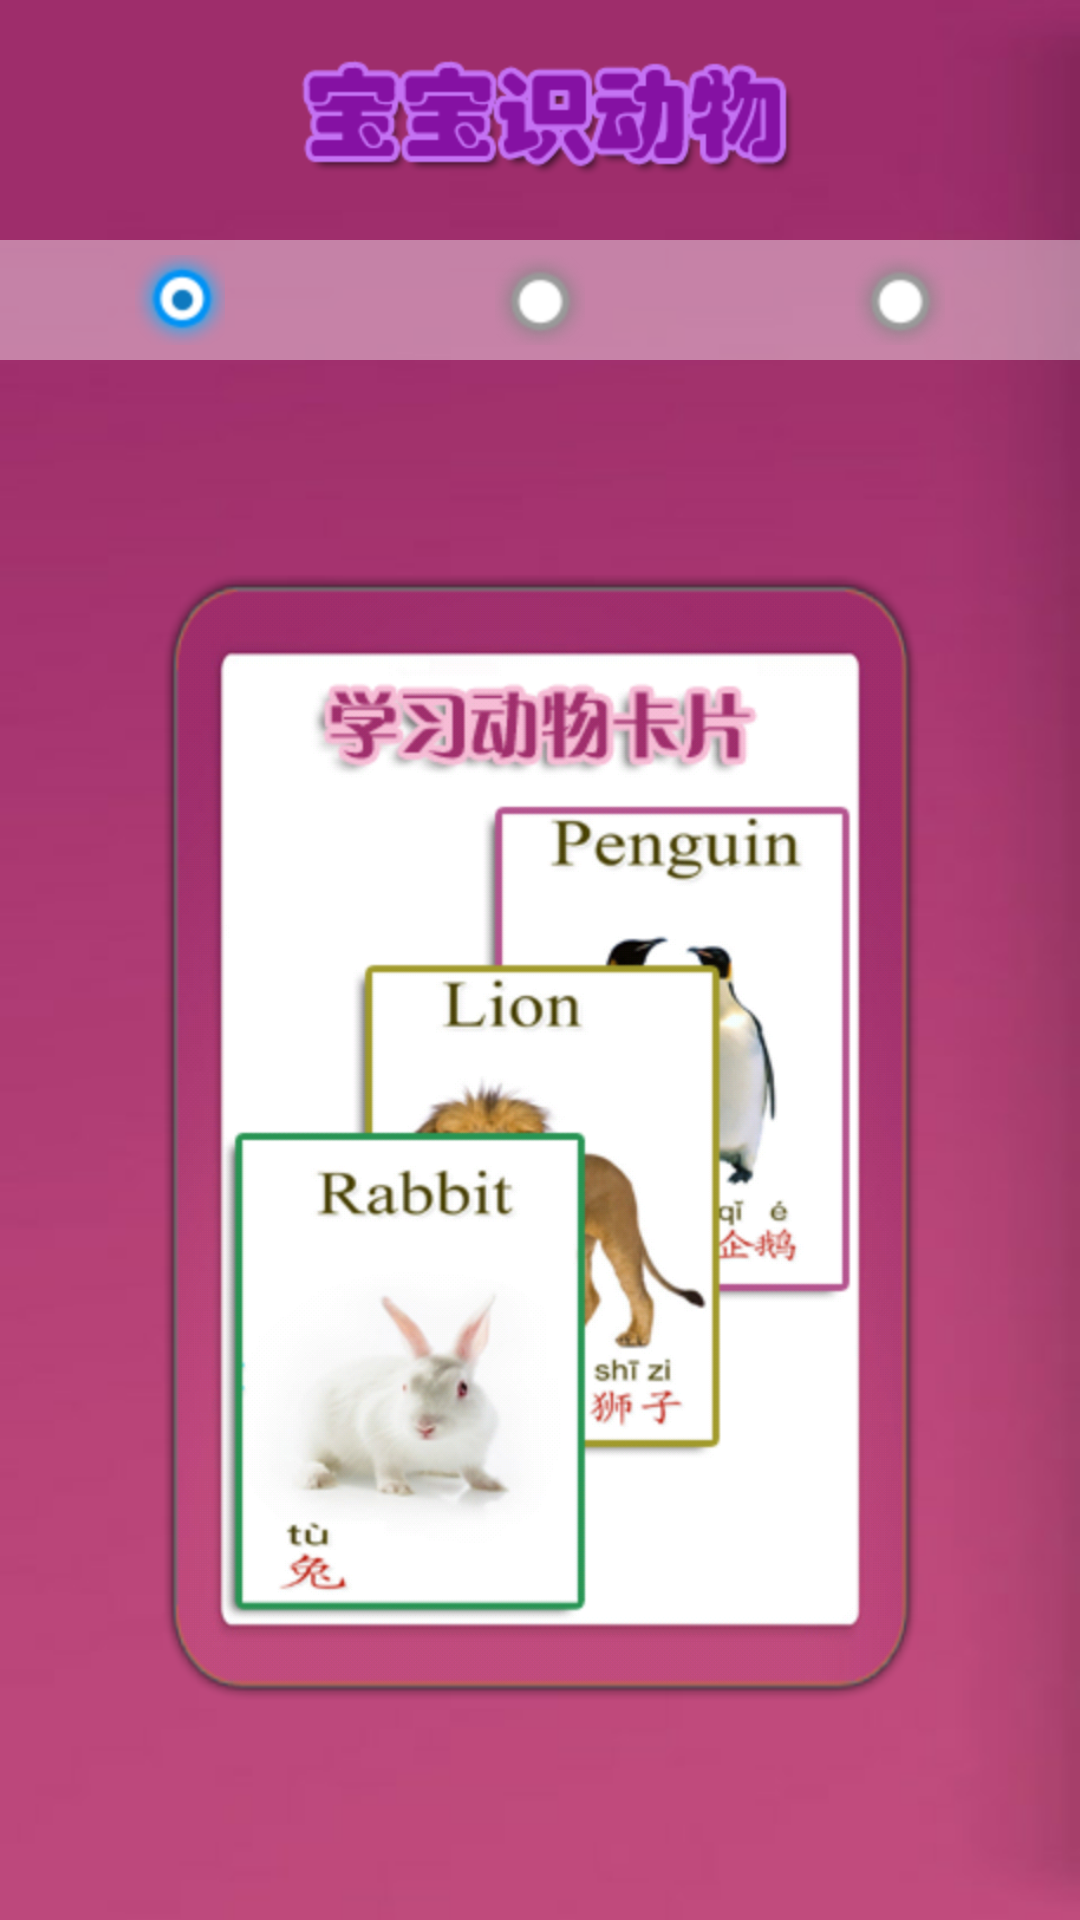 宝宝学前教育识动物_提供宝宝学前教育识动物1